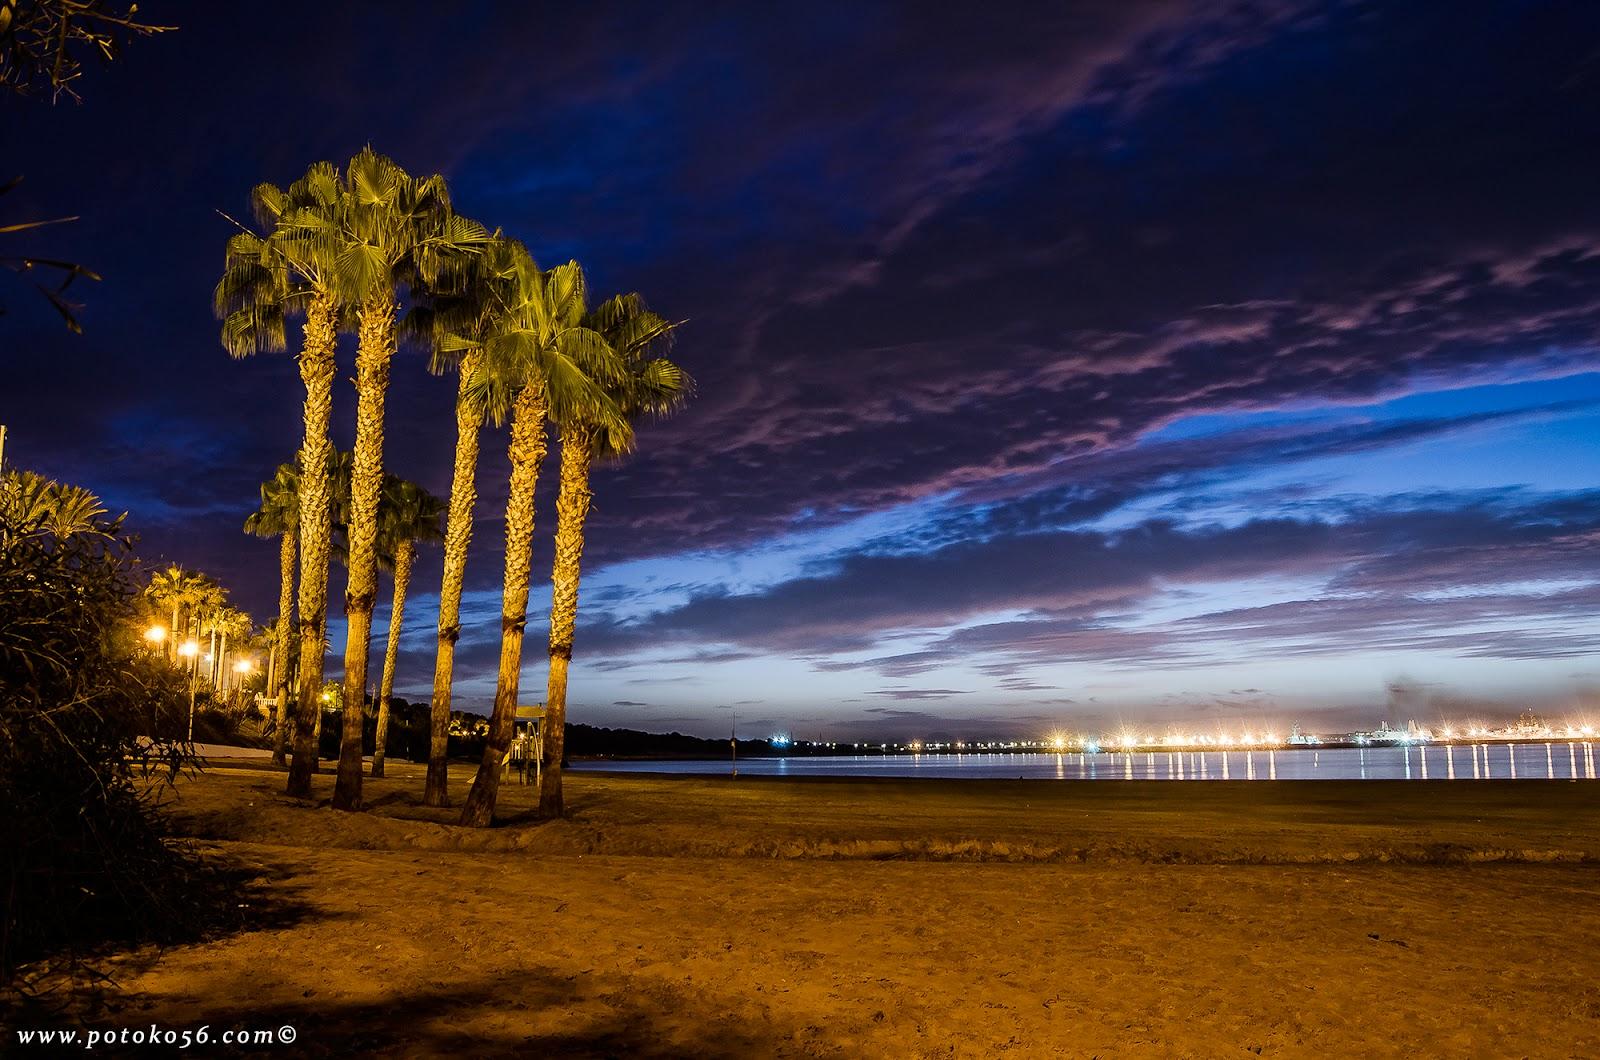 unas palmeras en la playa del Chorrillo Rota